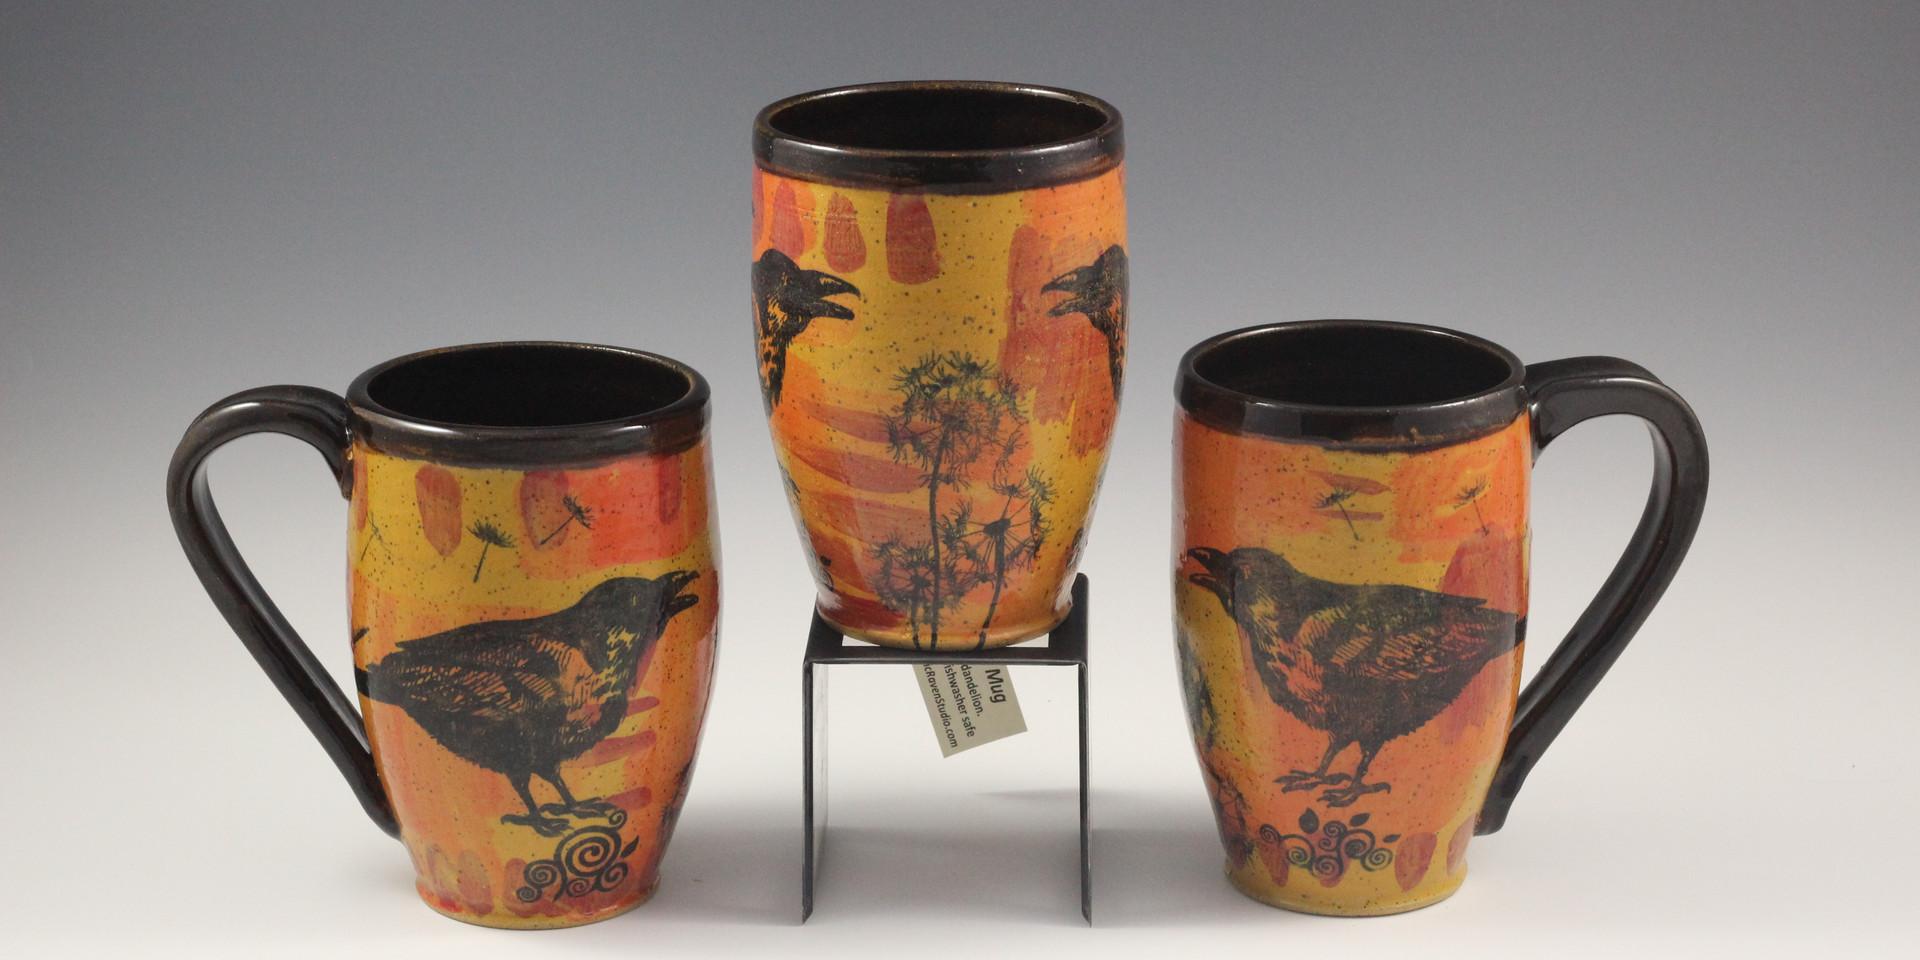 Desert Raven Mugs